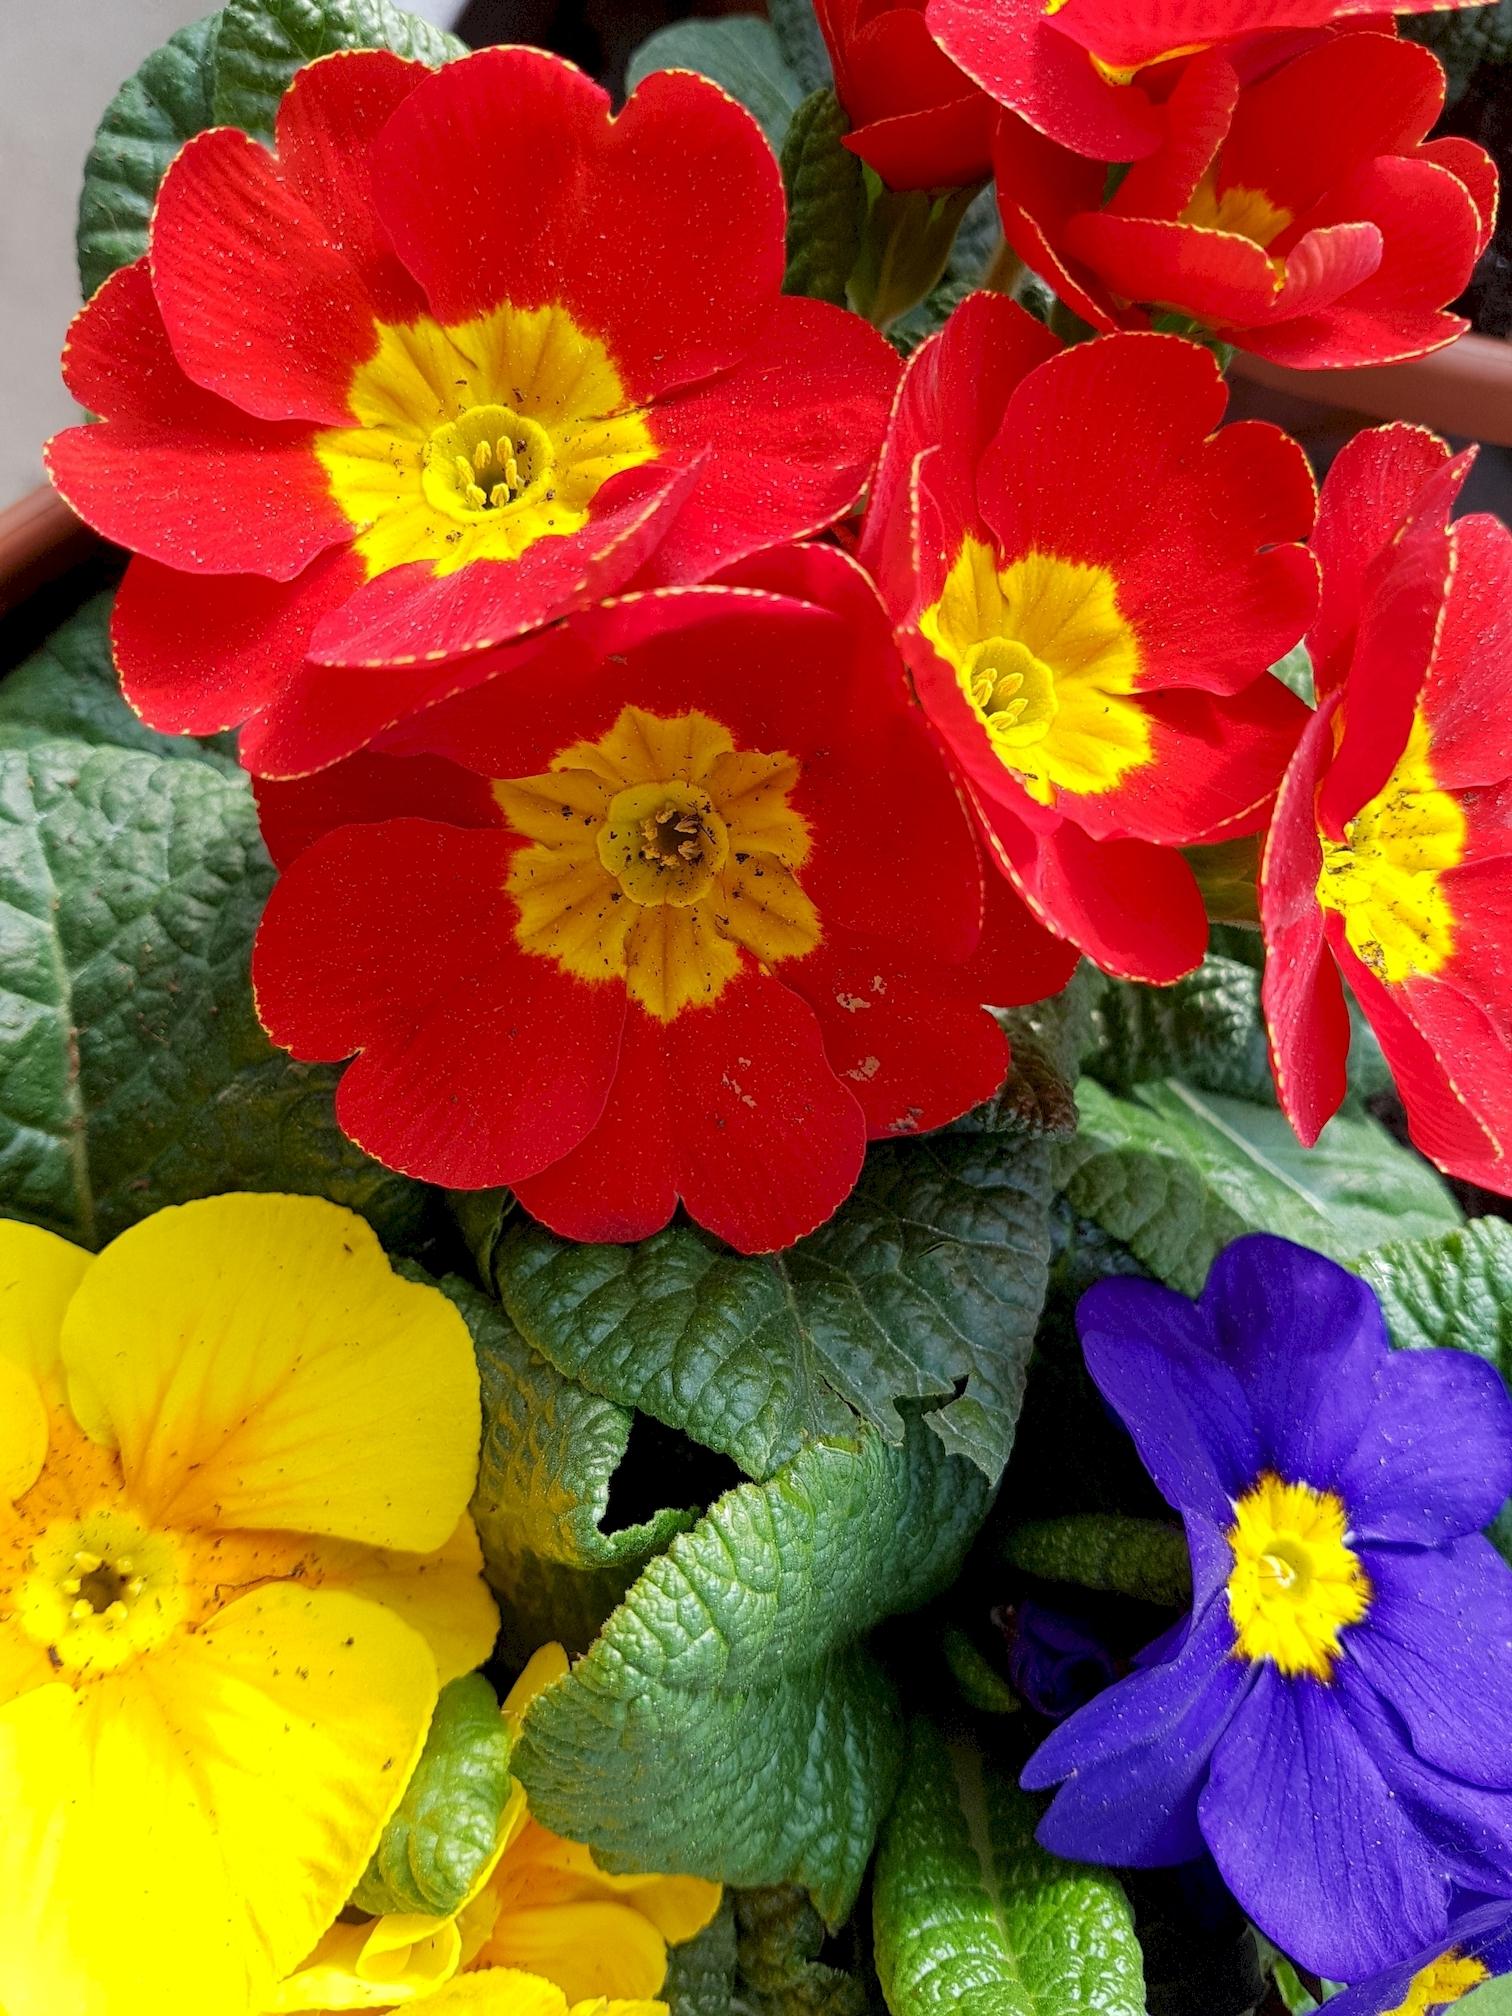 telecharger-des-fleurs-de-trois-couleurs